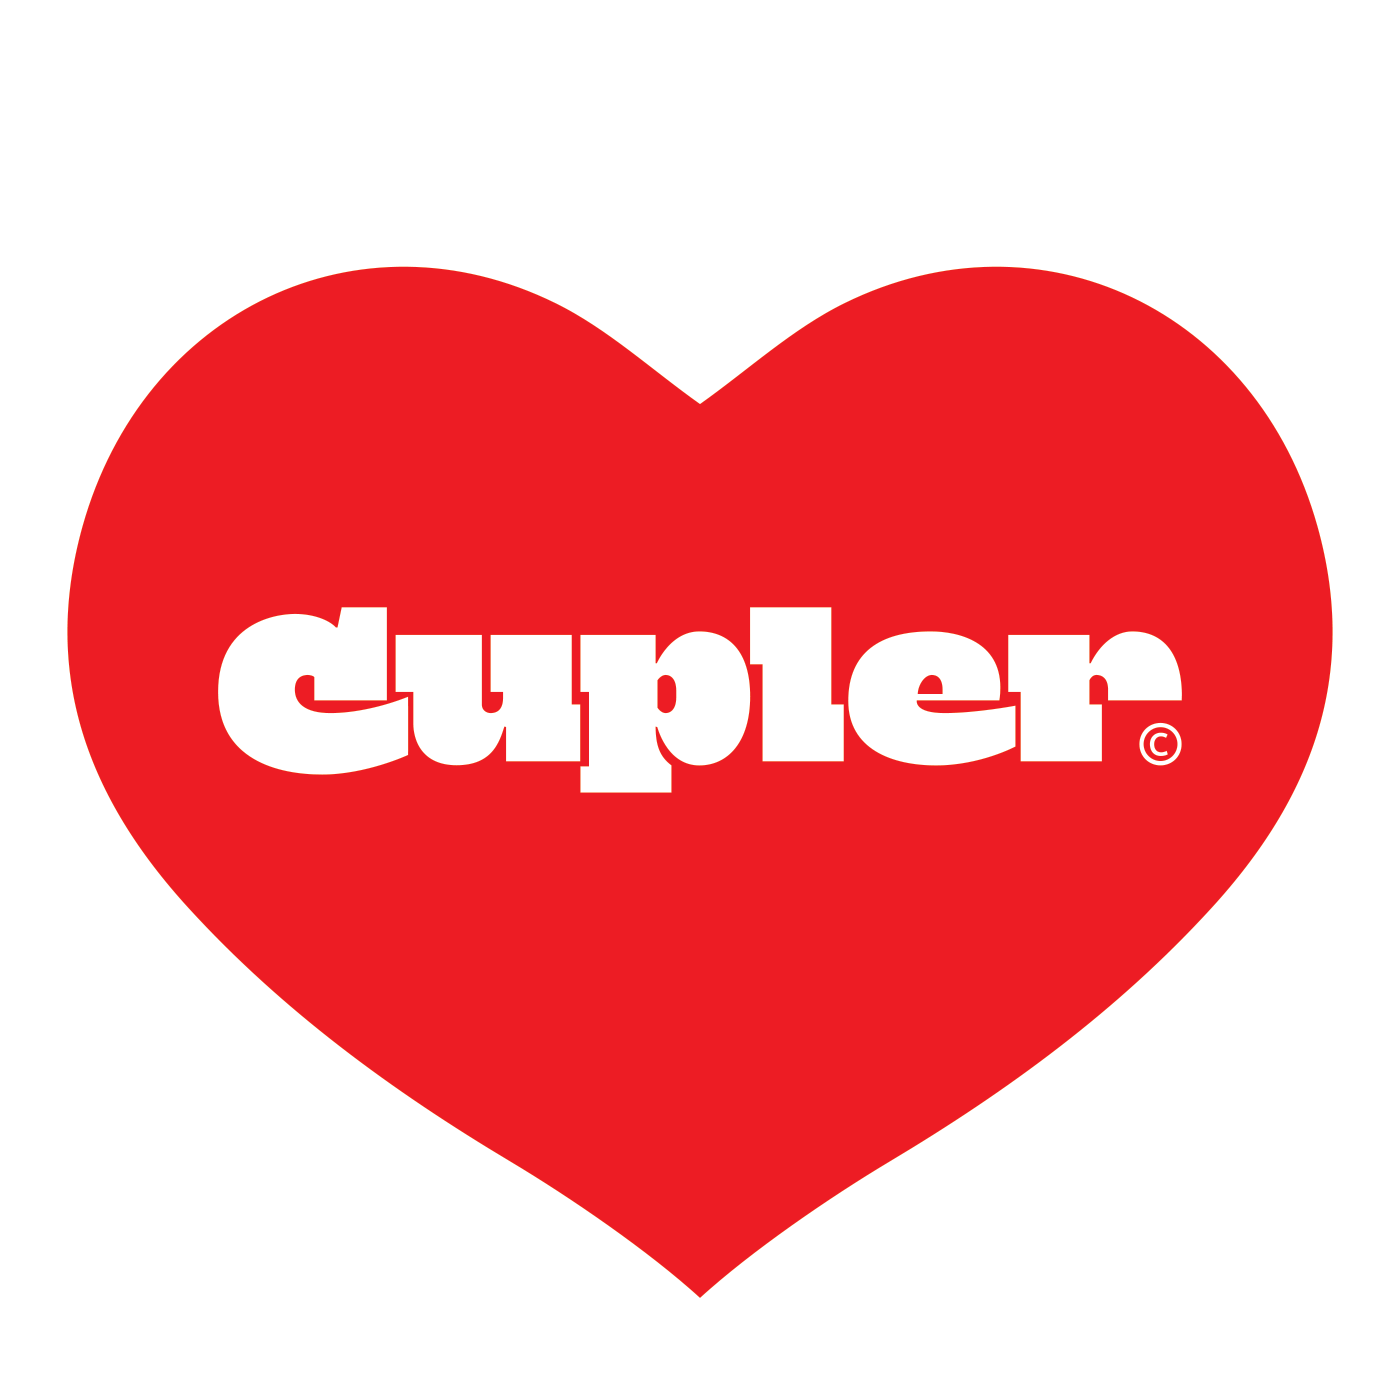 Cupler